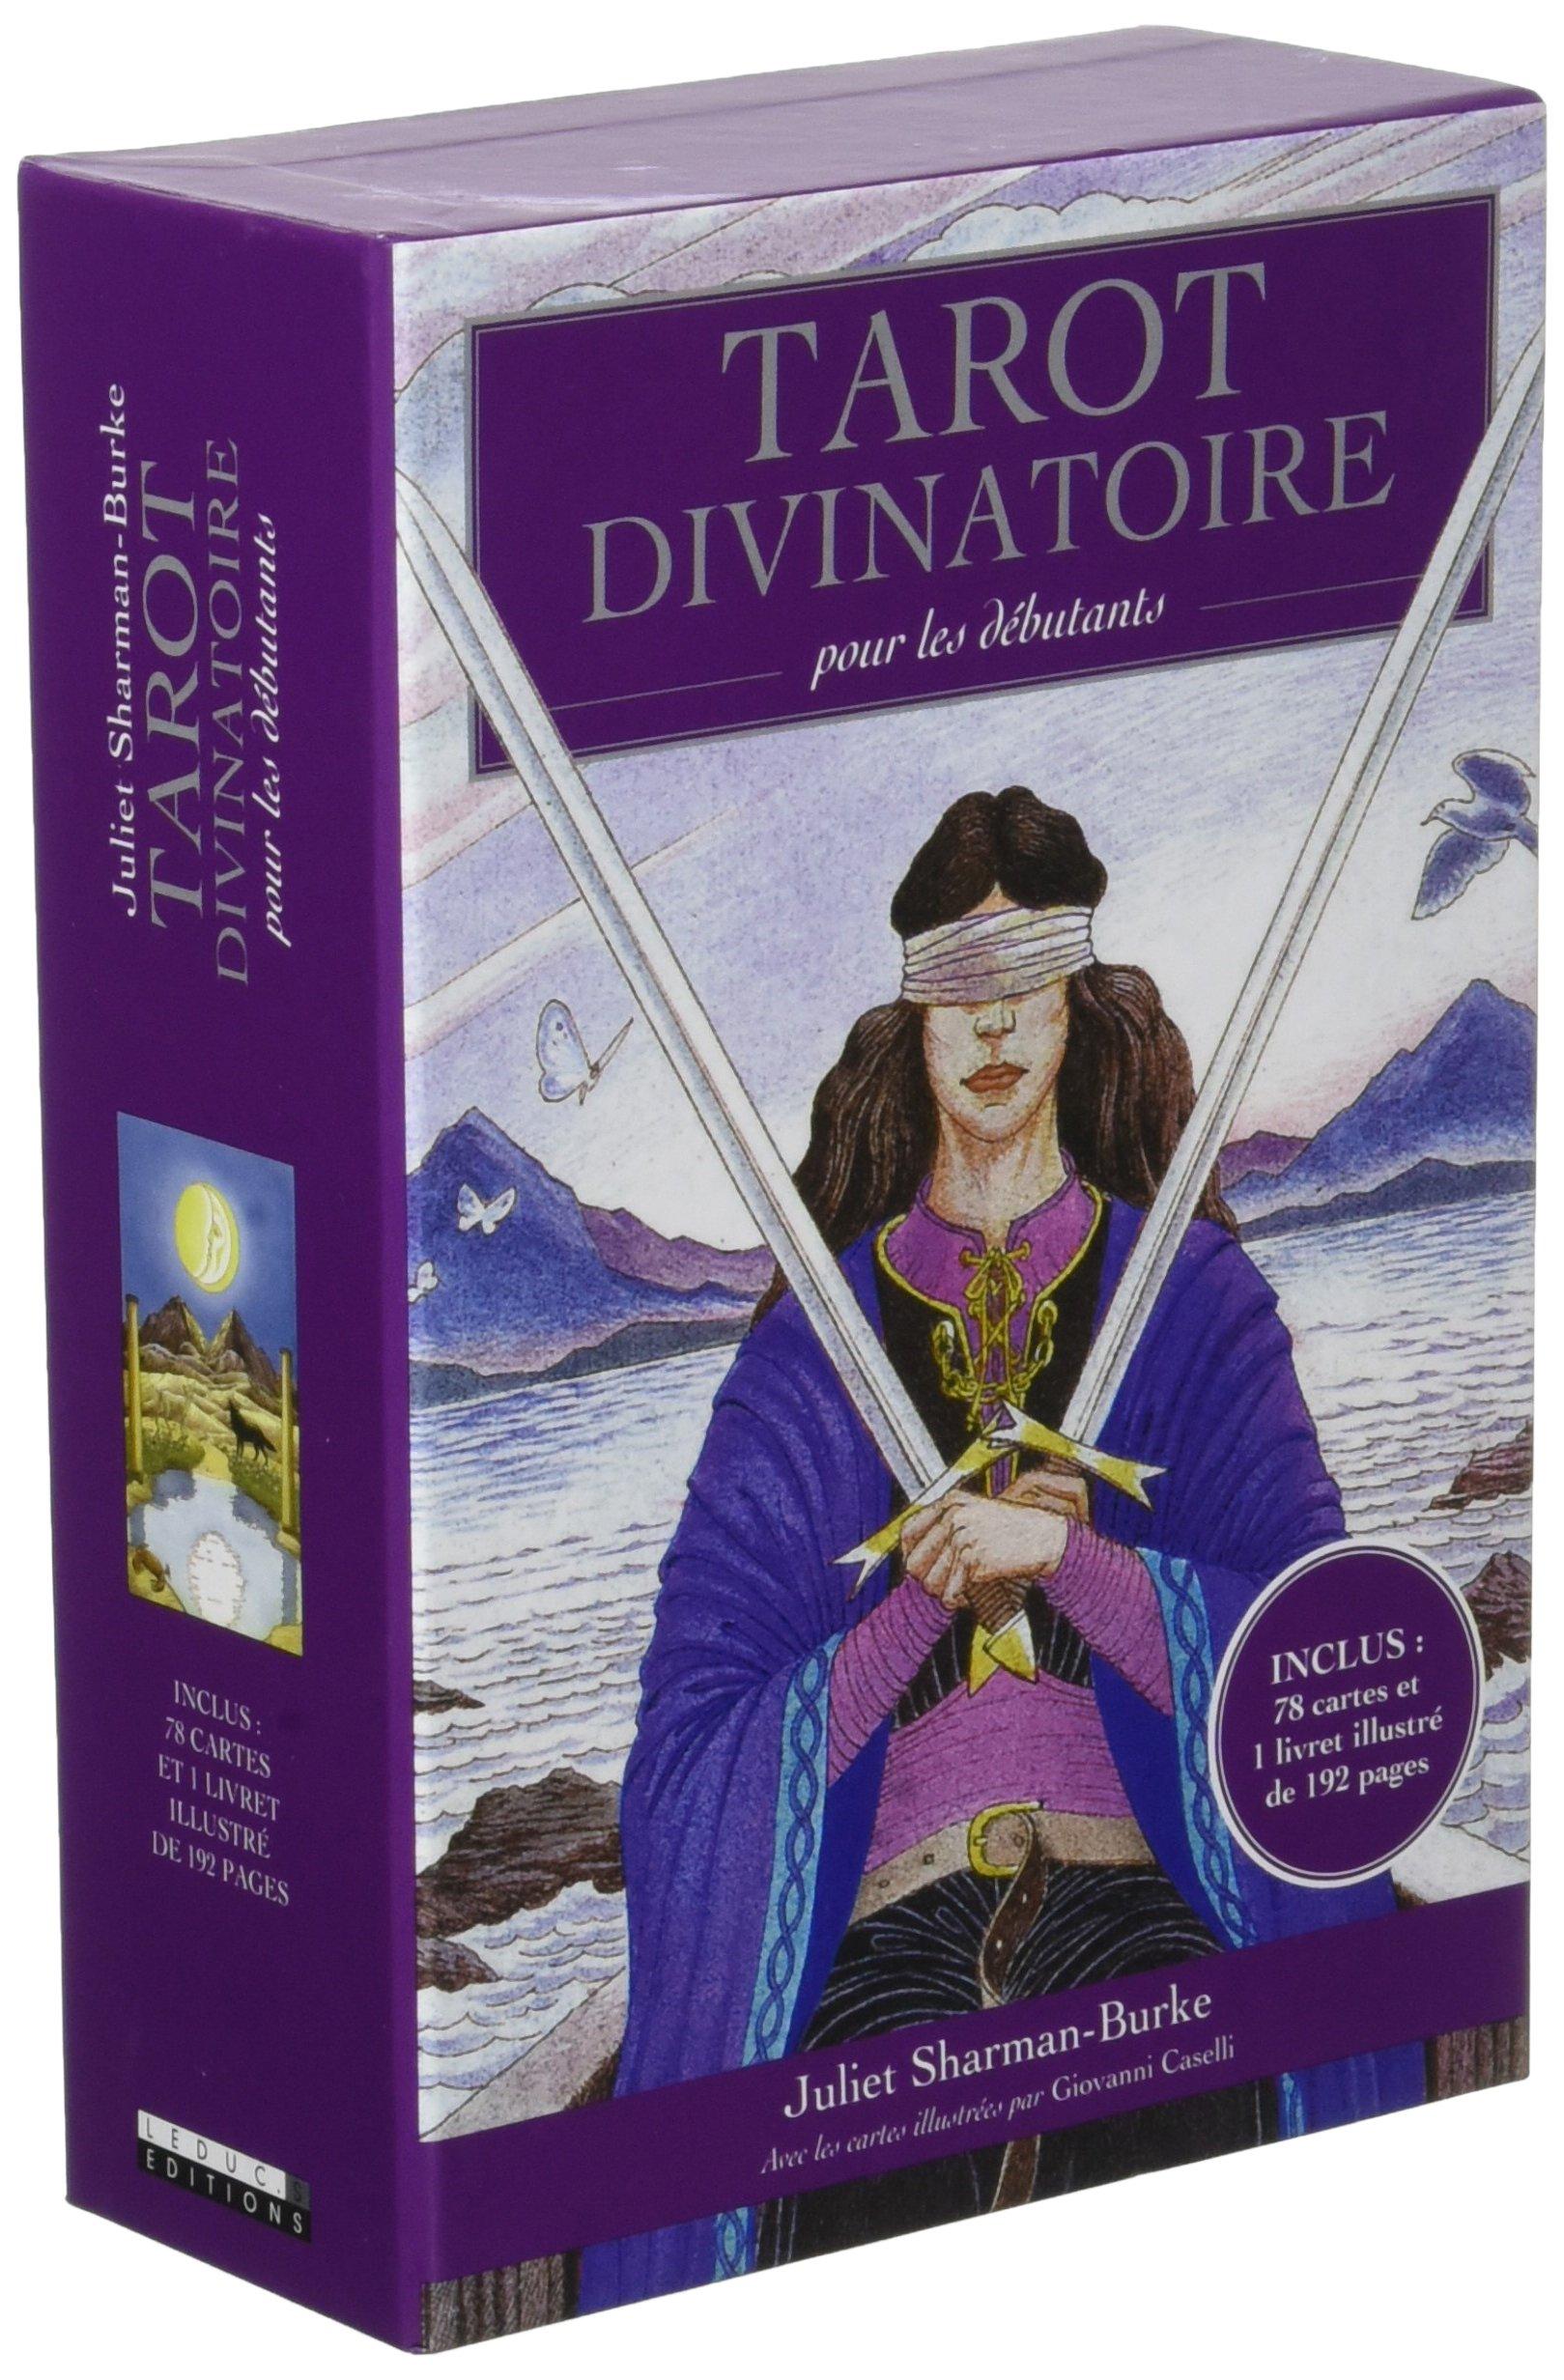 f6b25774129dd Amazon.fr - Tarot divinatoire pour les débutants   Avec 78 cartes -  Giovanni Caselli